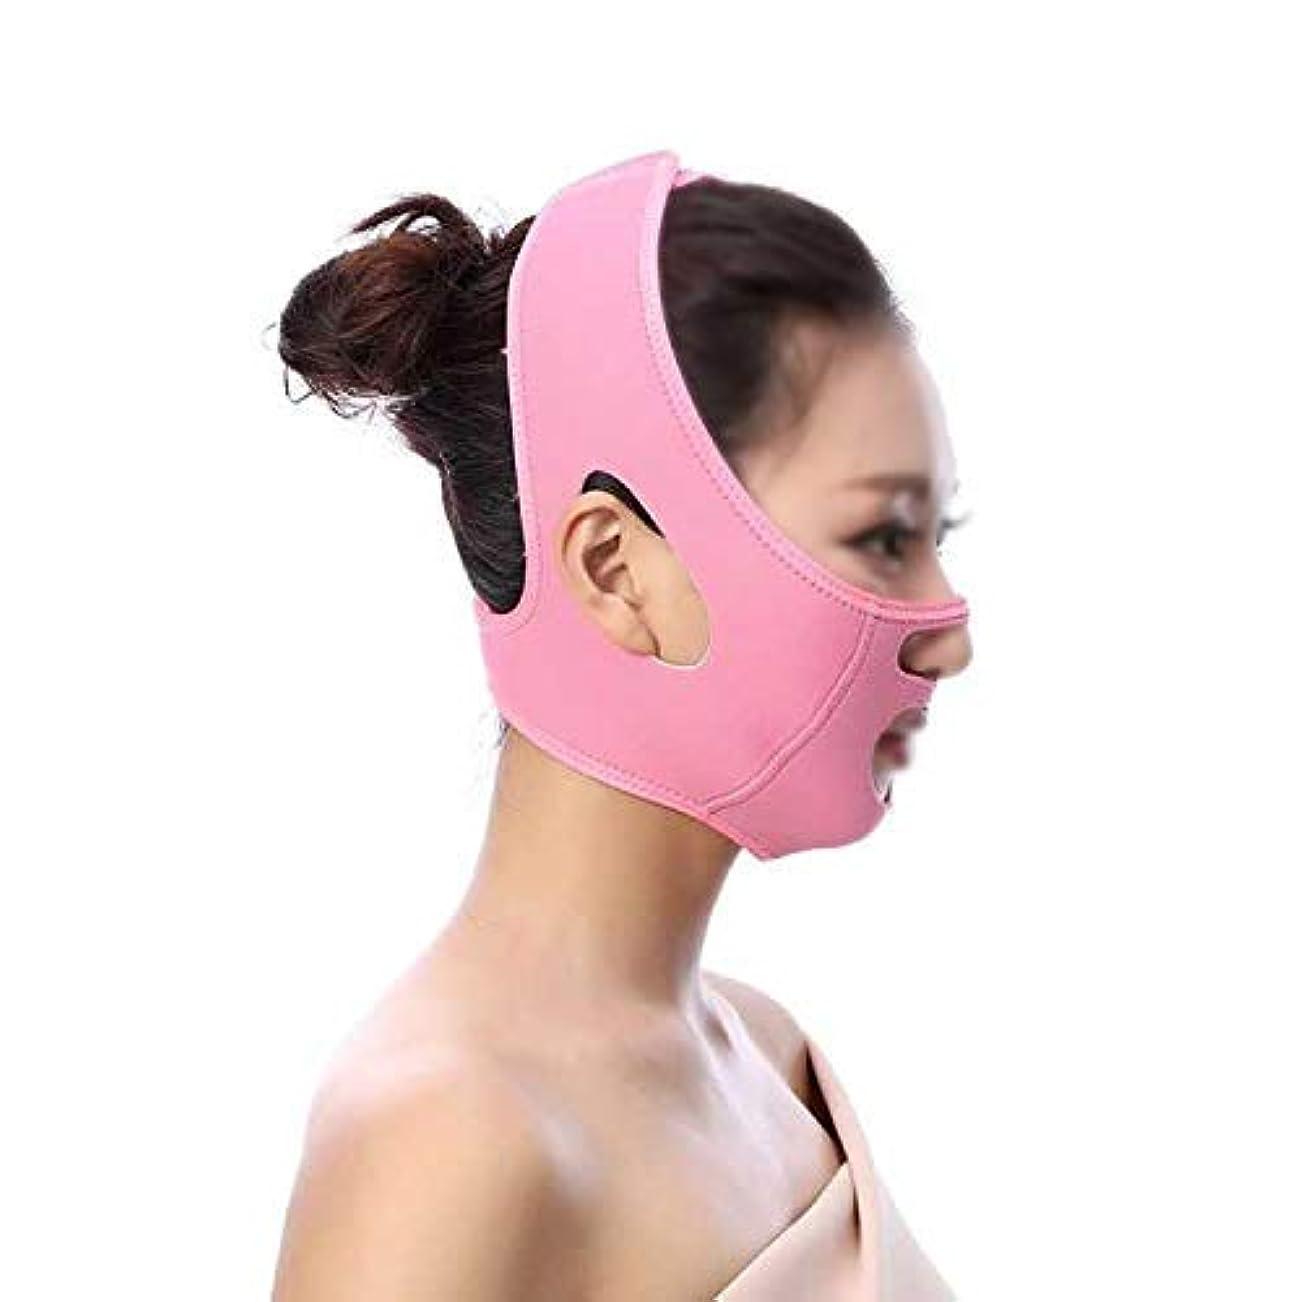 近傍メタルライン机痩身ベルト、フェイスマスクvフェイスアーティファクトにあごを持ち上げるフェイスマスク睡眠薄いVフェイス包帯薄いフェイスステッカー